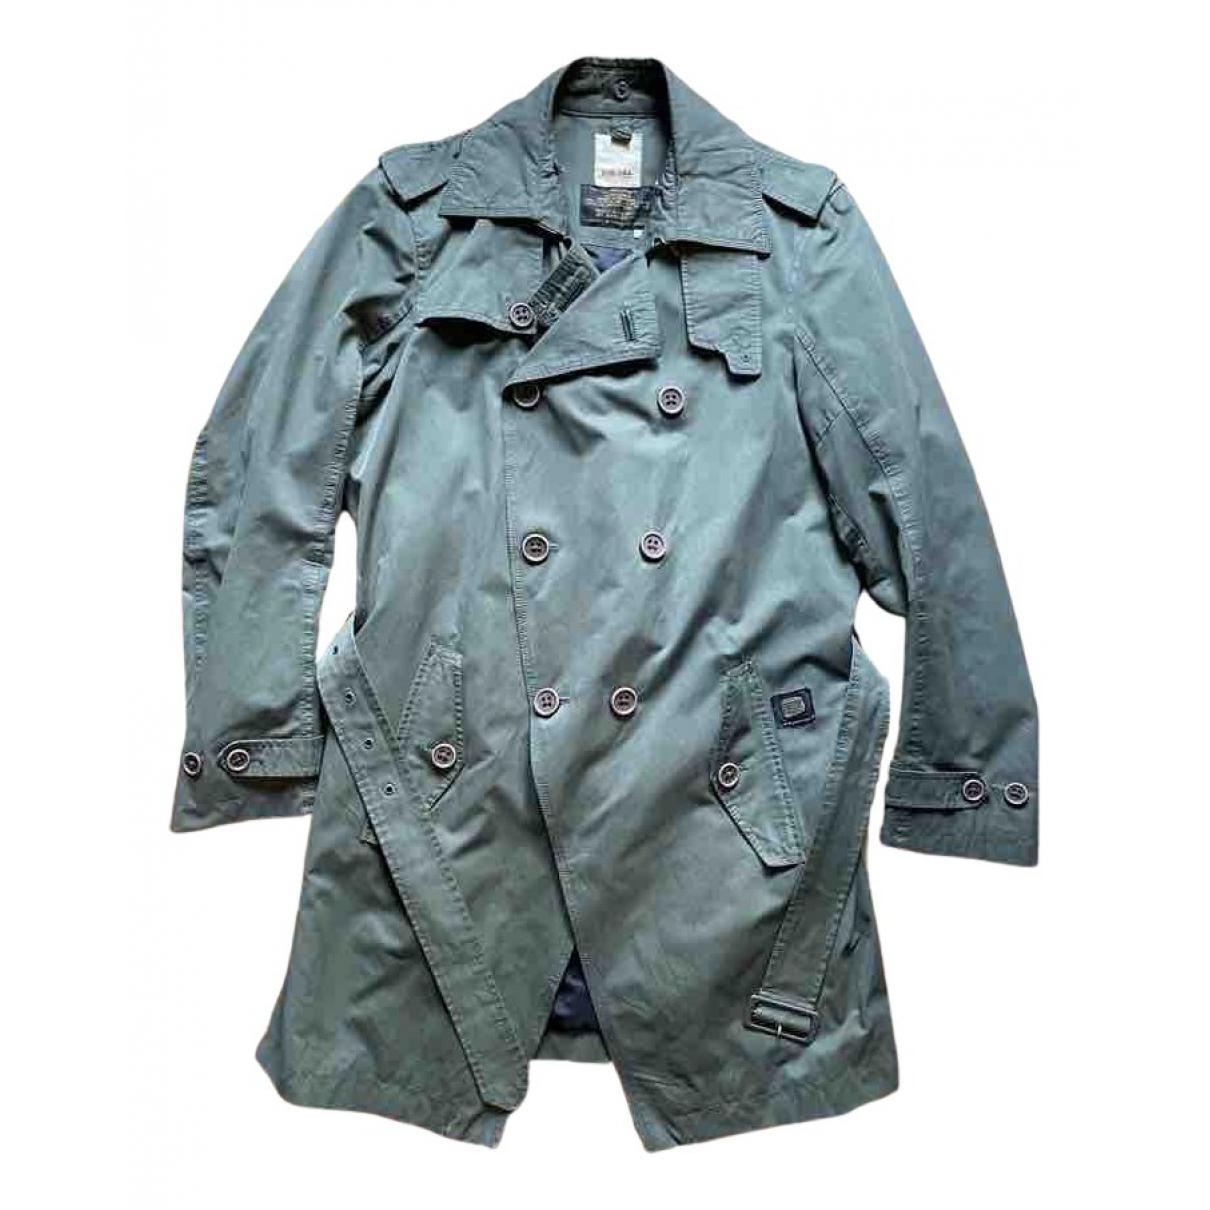 Diesel - Manteau   pour homme en coton - kaki